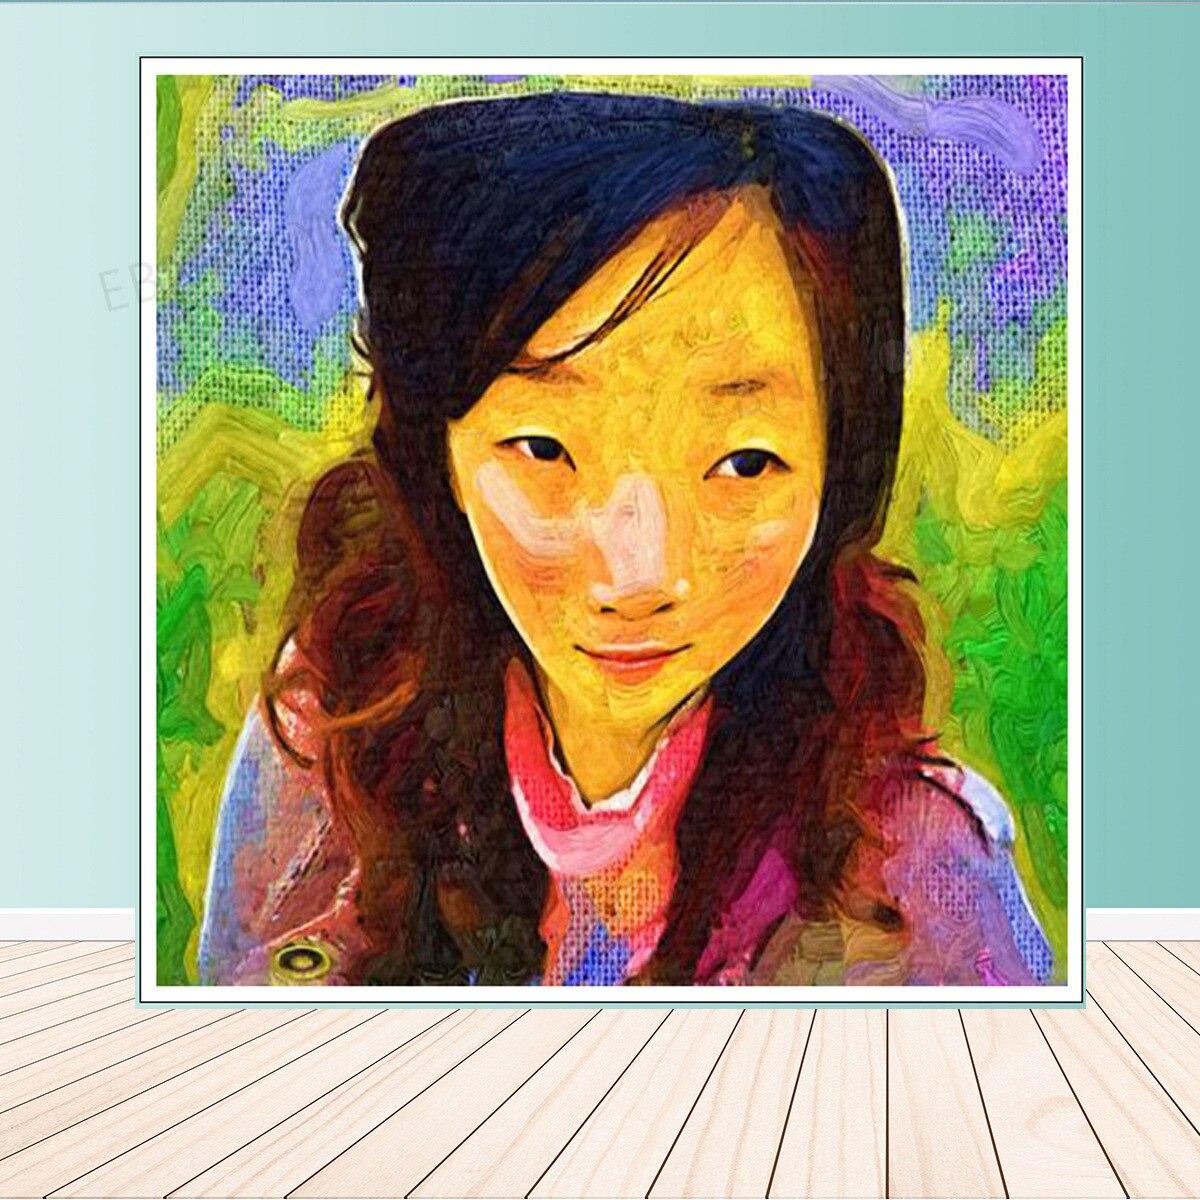 Модный настенный художественный персонаж для азиатских девушек, Автопортрет, украшение для дома, картина маслом, настенные картины, украше...